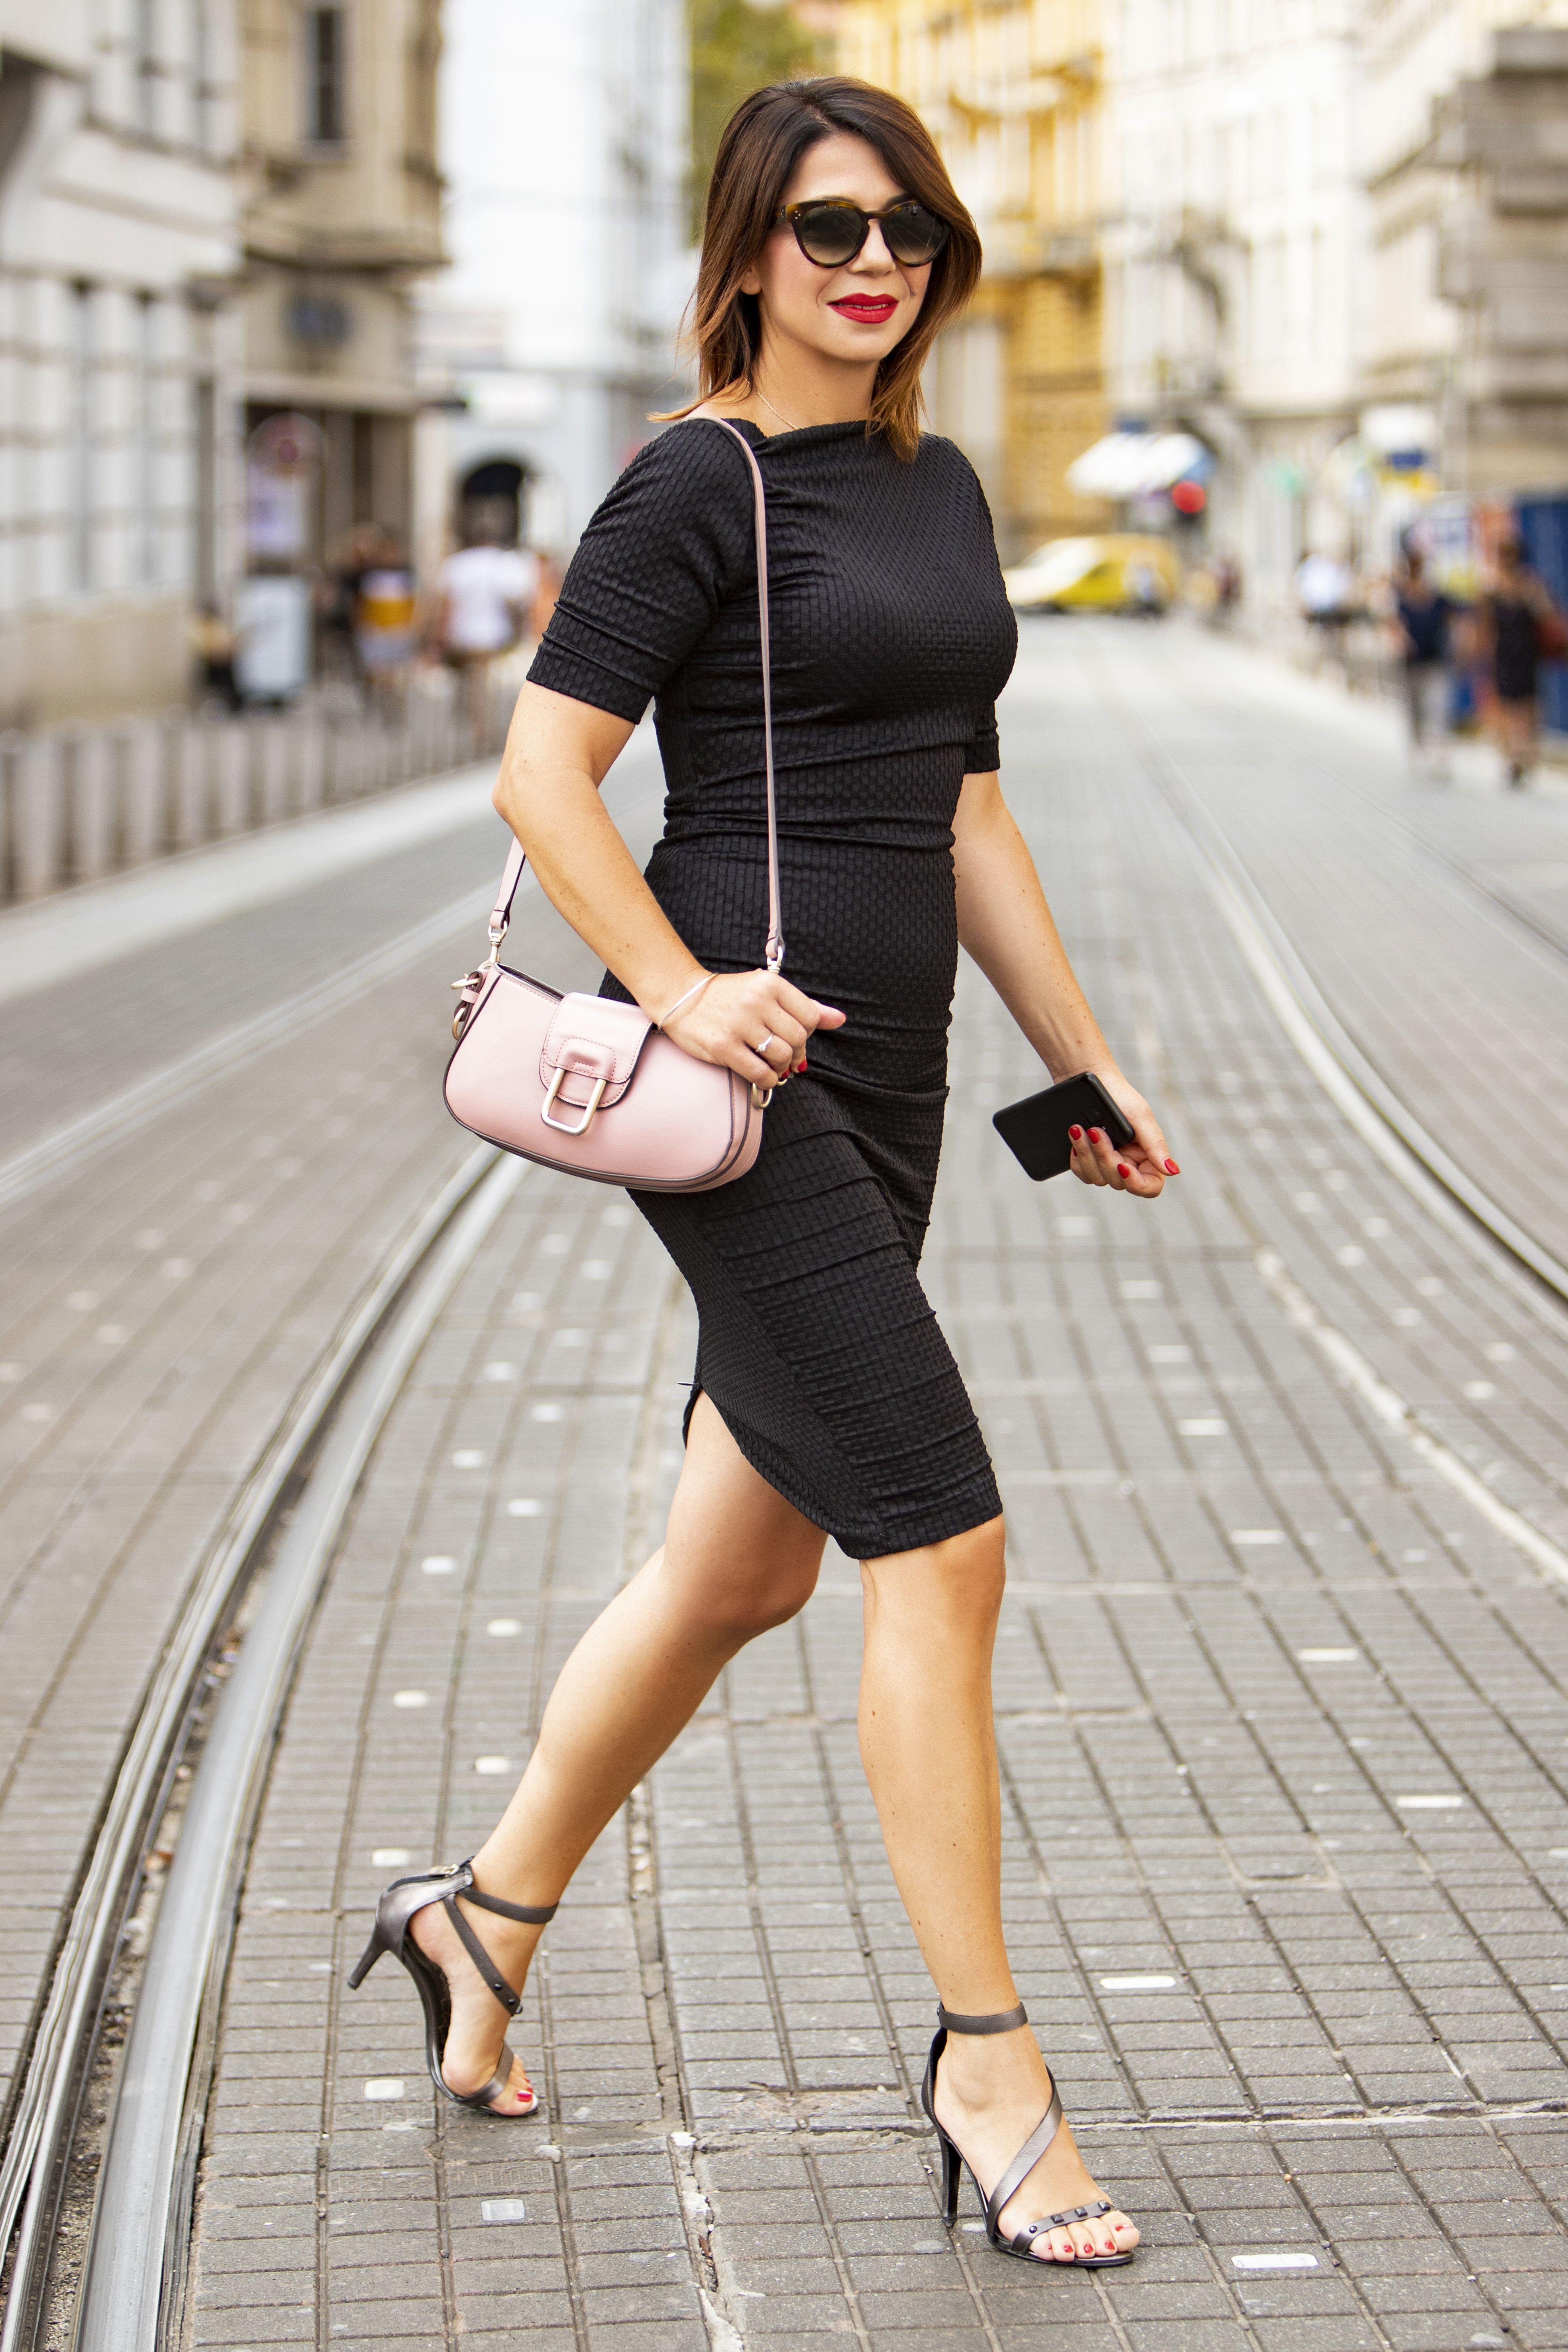 Dama sa stilom za čistu peticu: 'Obožavam male crne haljine, to je uvijek dobitna kombinacija'